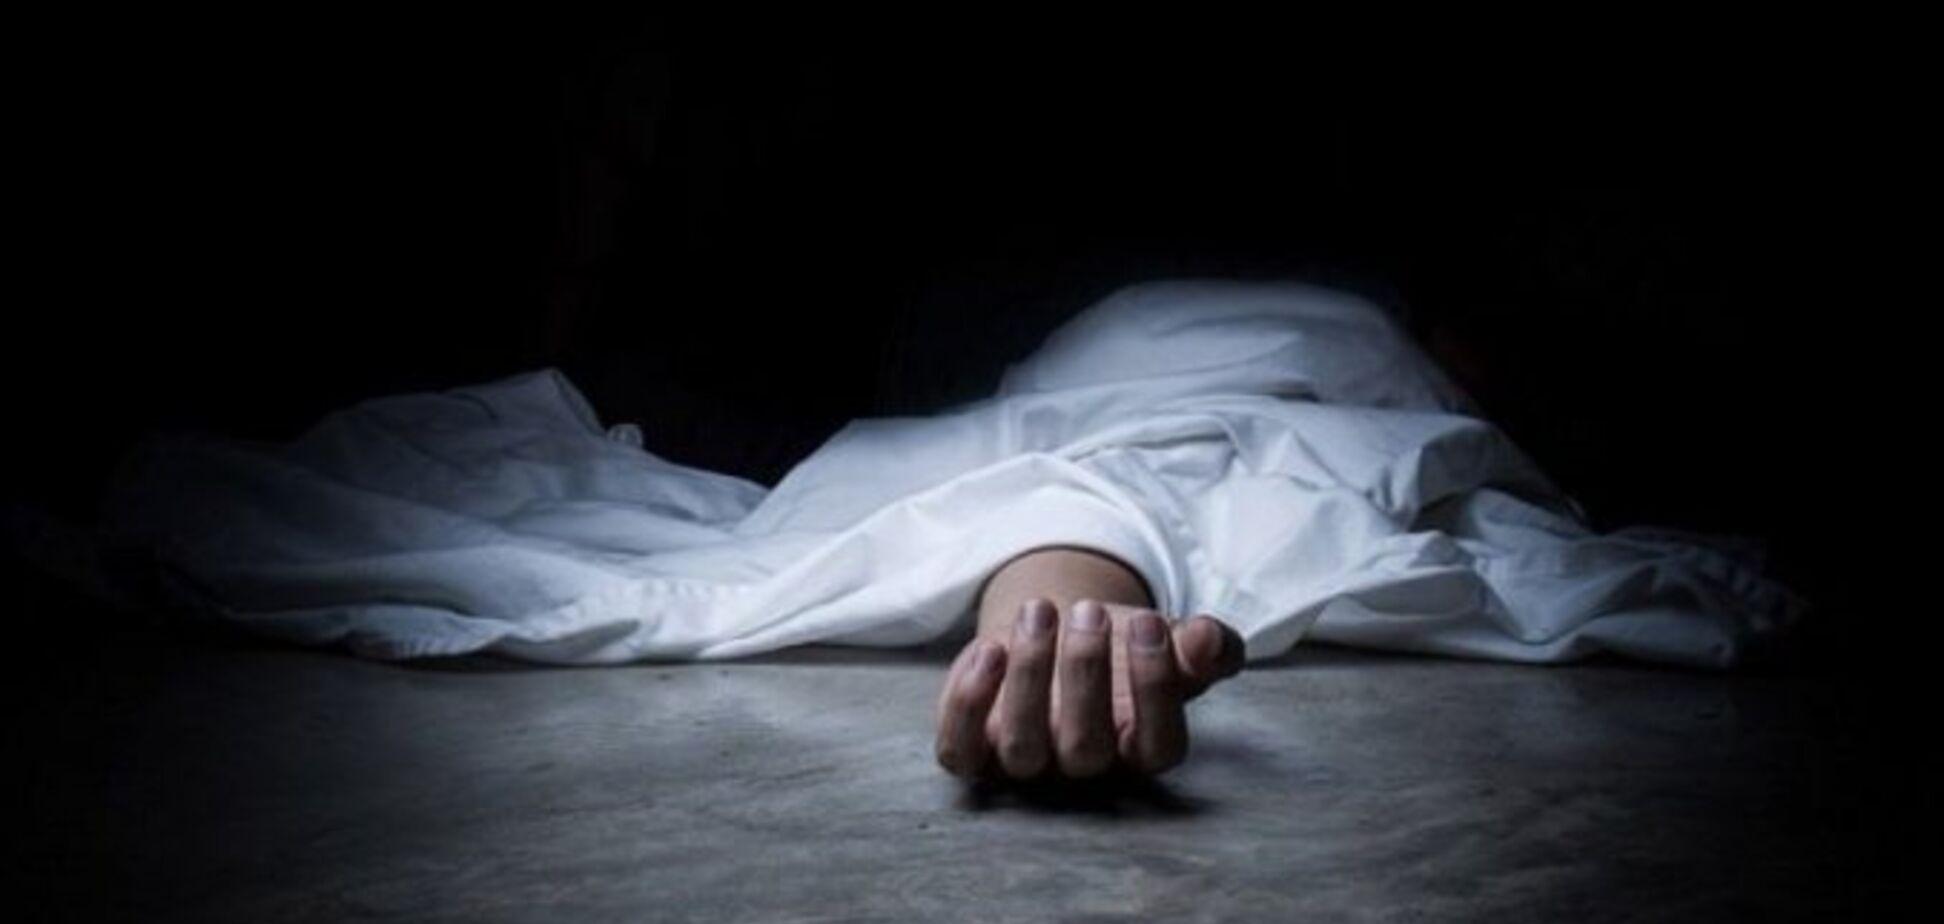 В Кривом Роге обнаружили труп избитой женщины